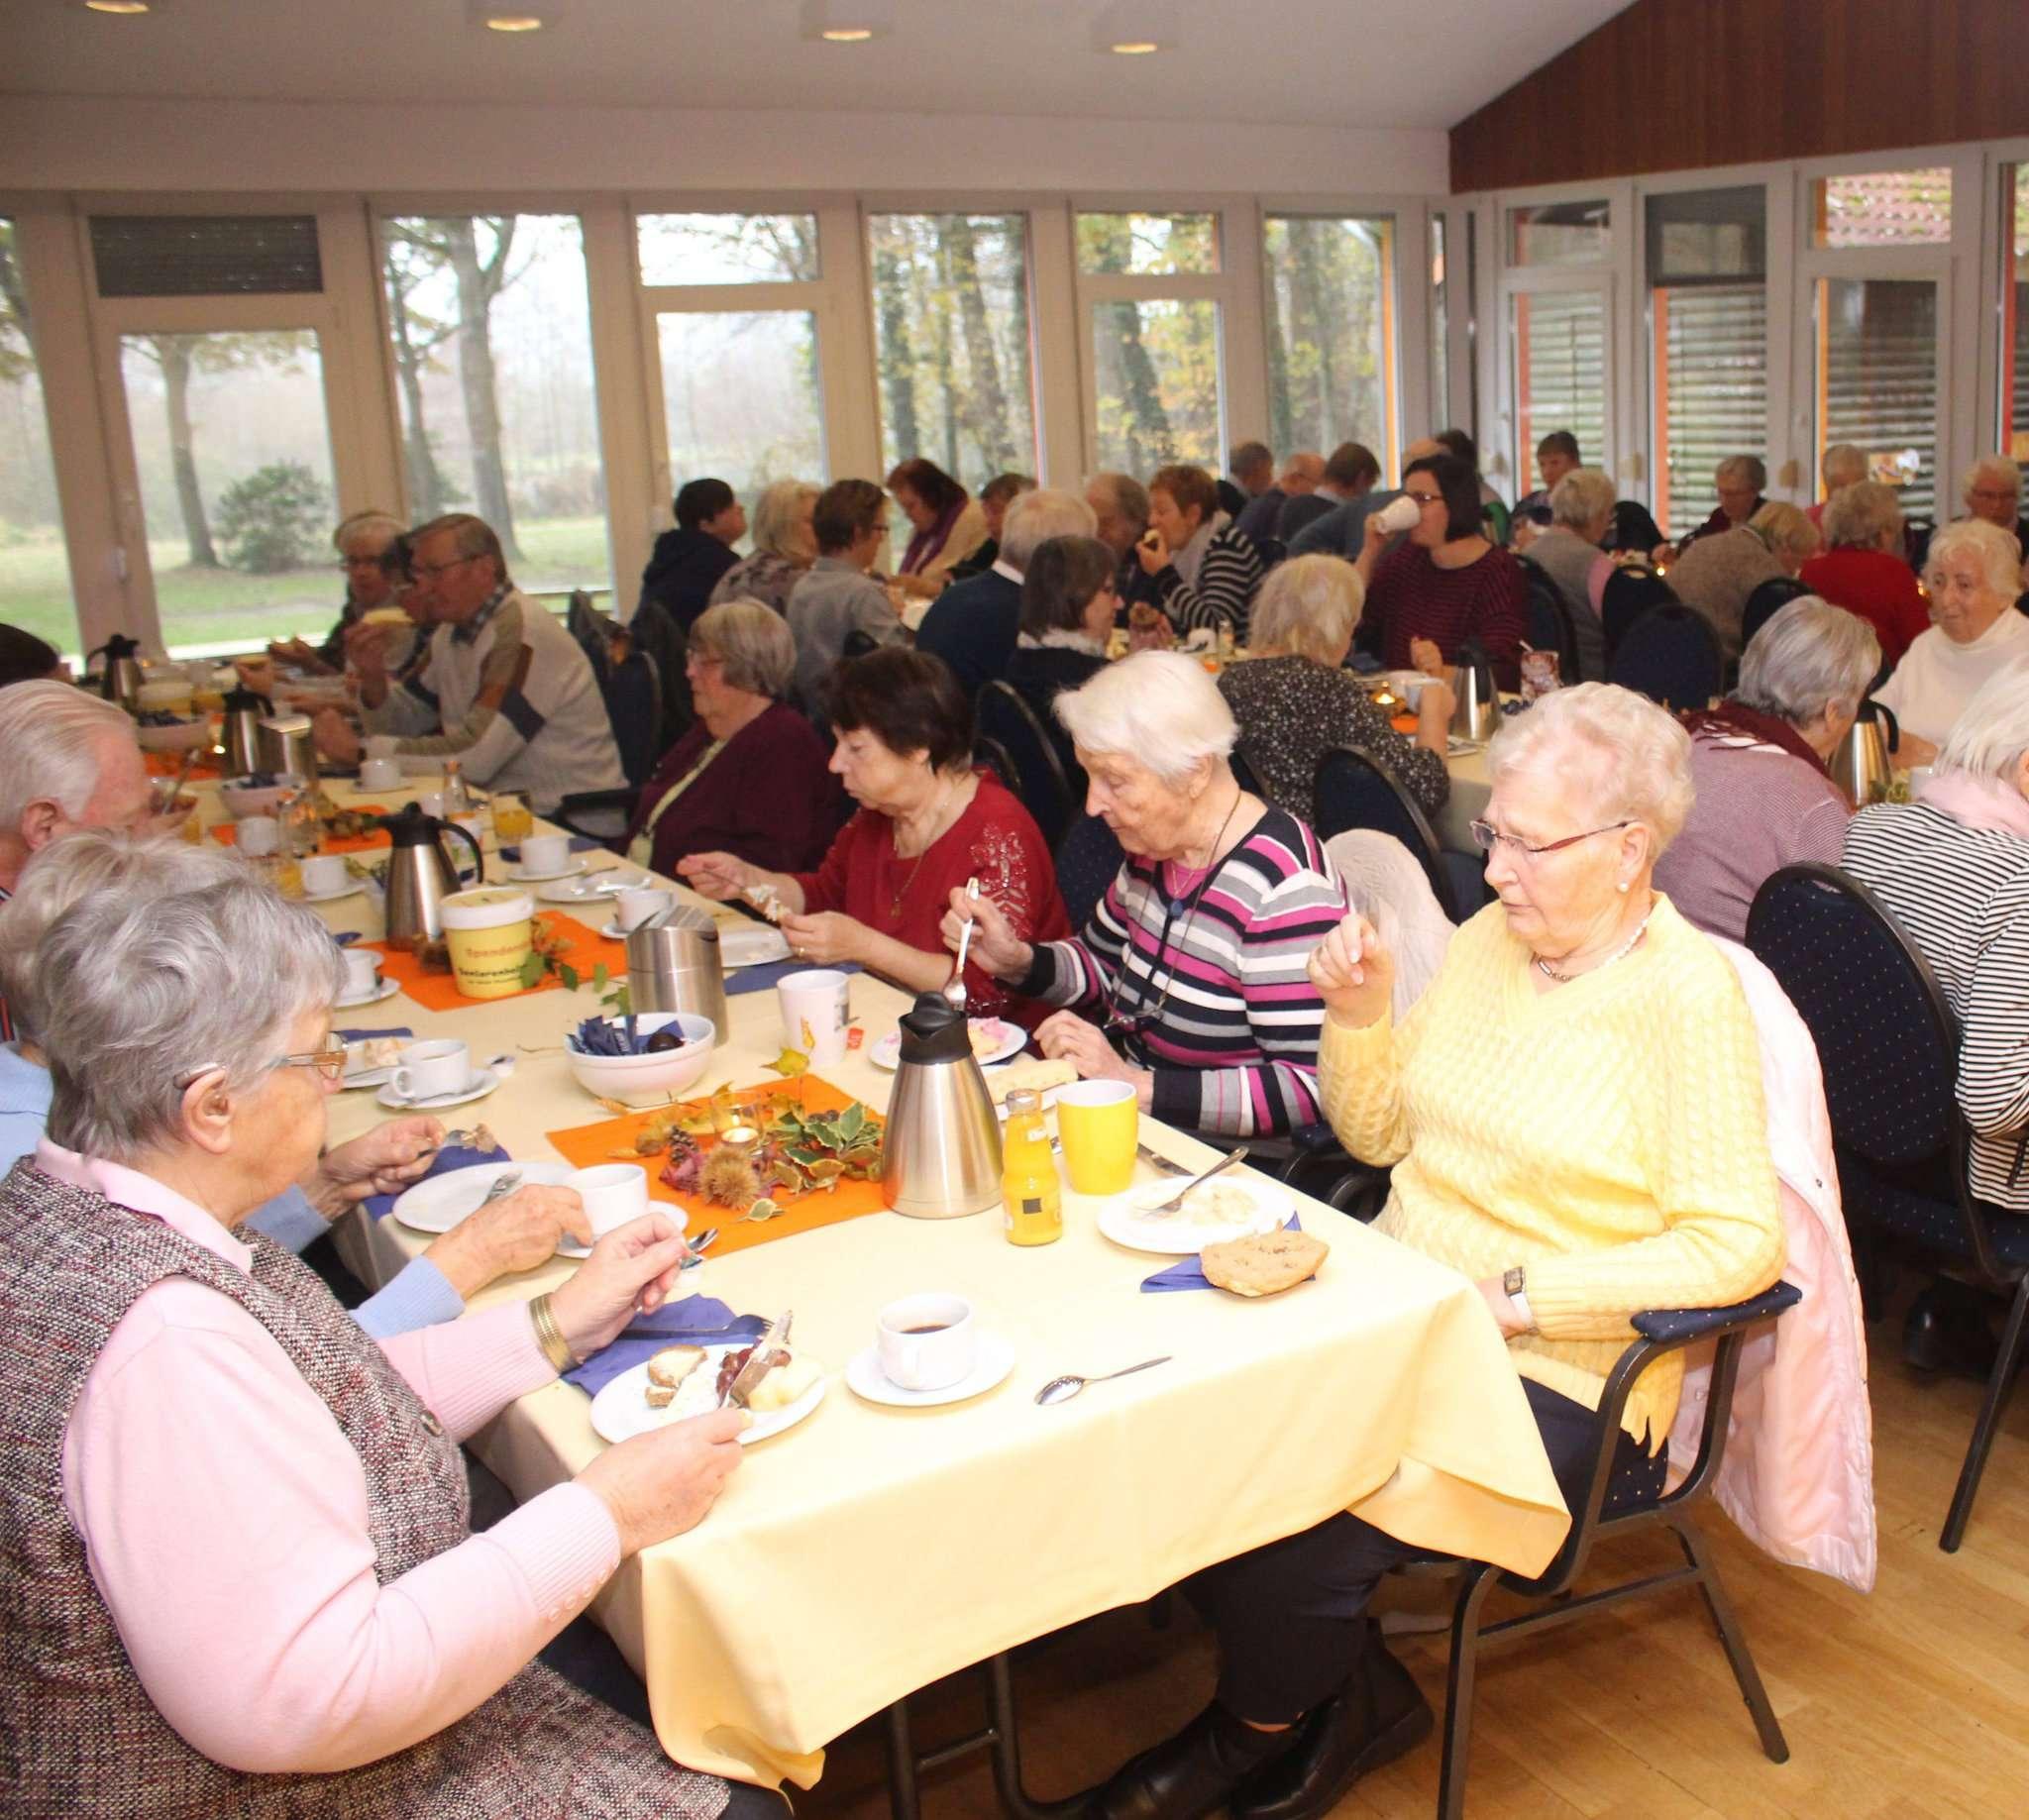 Etwa 70 Teilnehmer genossen das Generationenfrühstück im Haus der Bildung. Foto: Henning Leeske